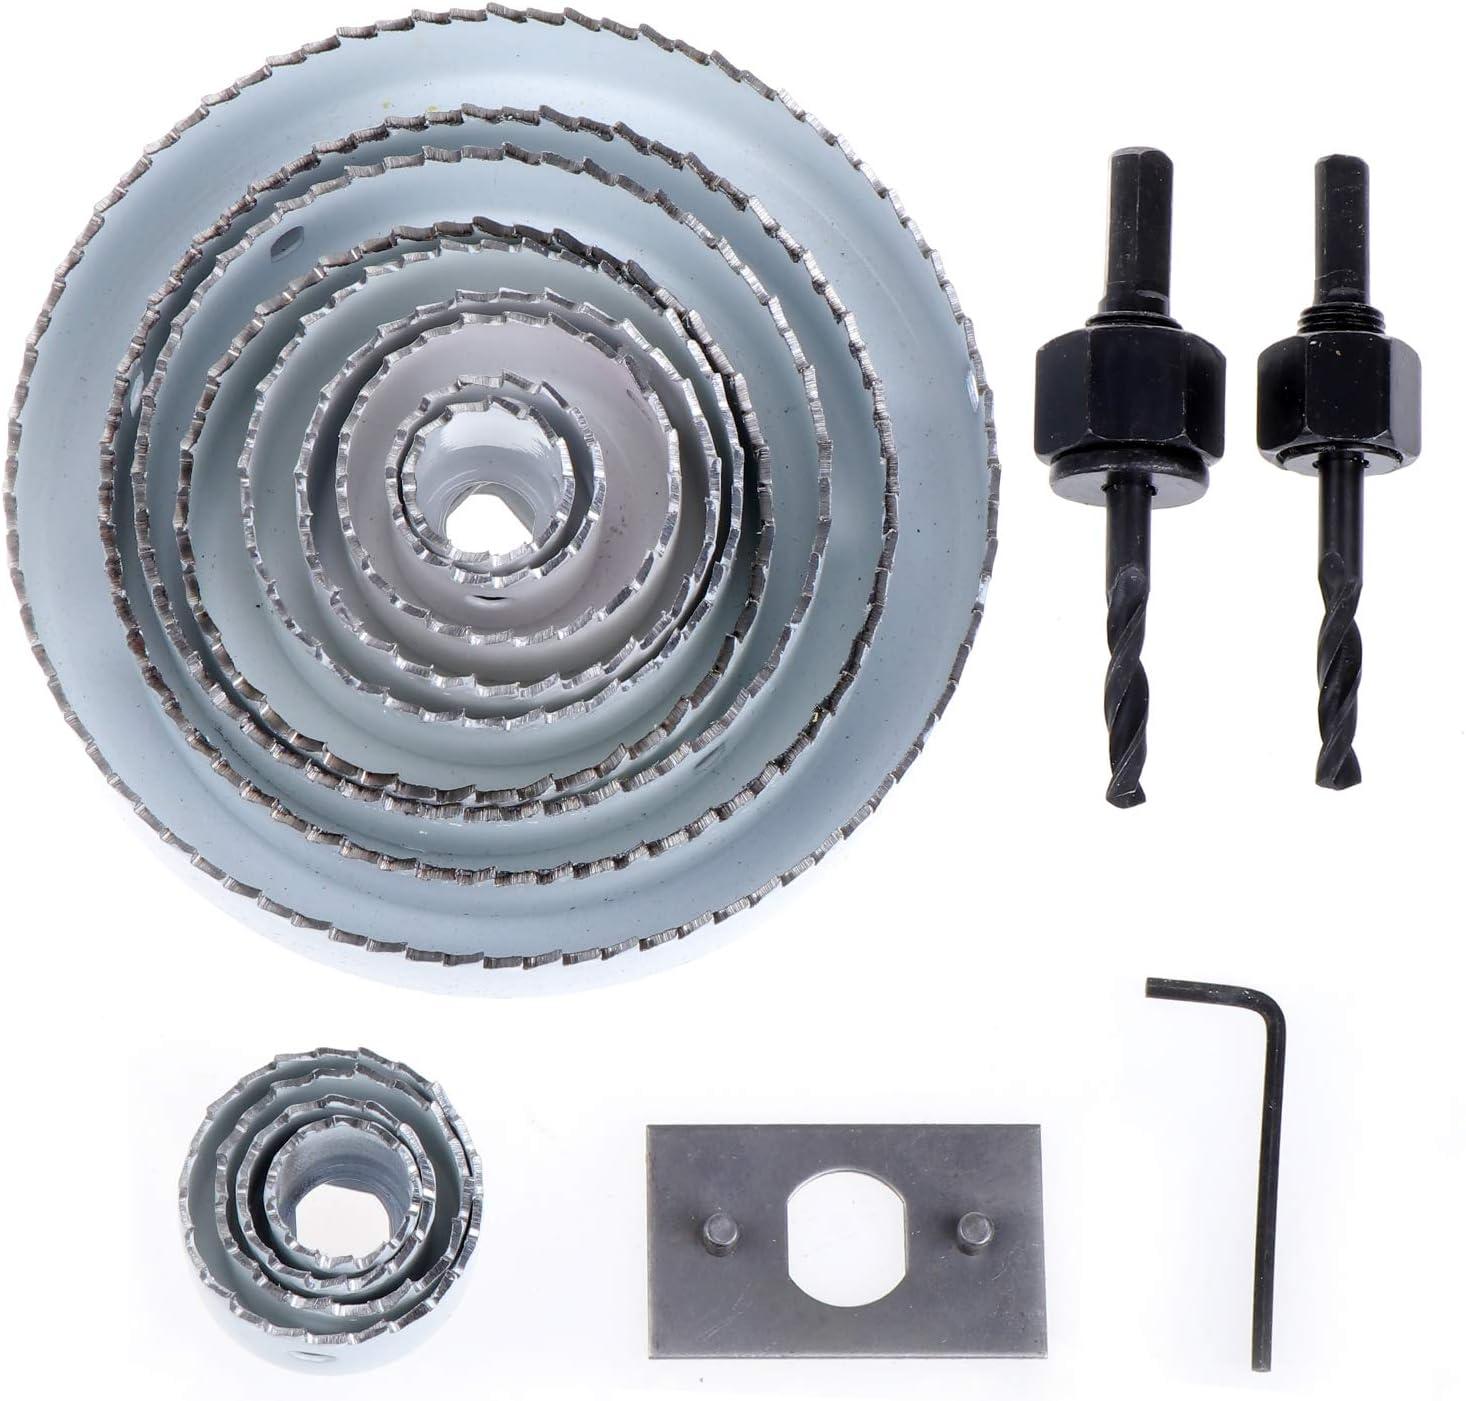 19-127mm f/ür Weichholz Gipskarton Kunststoff WiMas 17PCS Lochs/ägen-Set Kohlenstoffstahl Lochbohrer Set mit 13 S/ägeblatt Lochs/ägenschneider